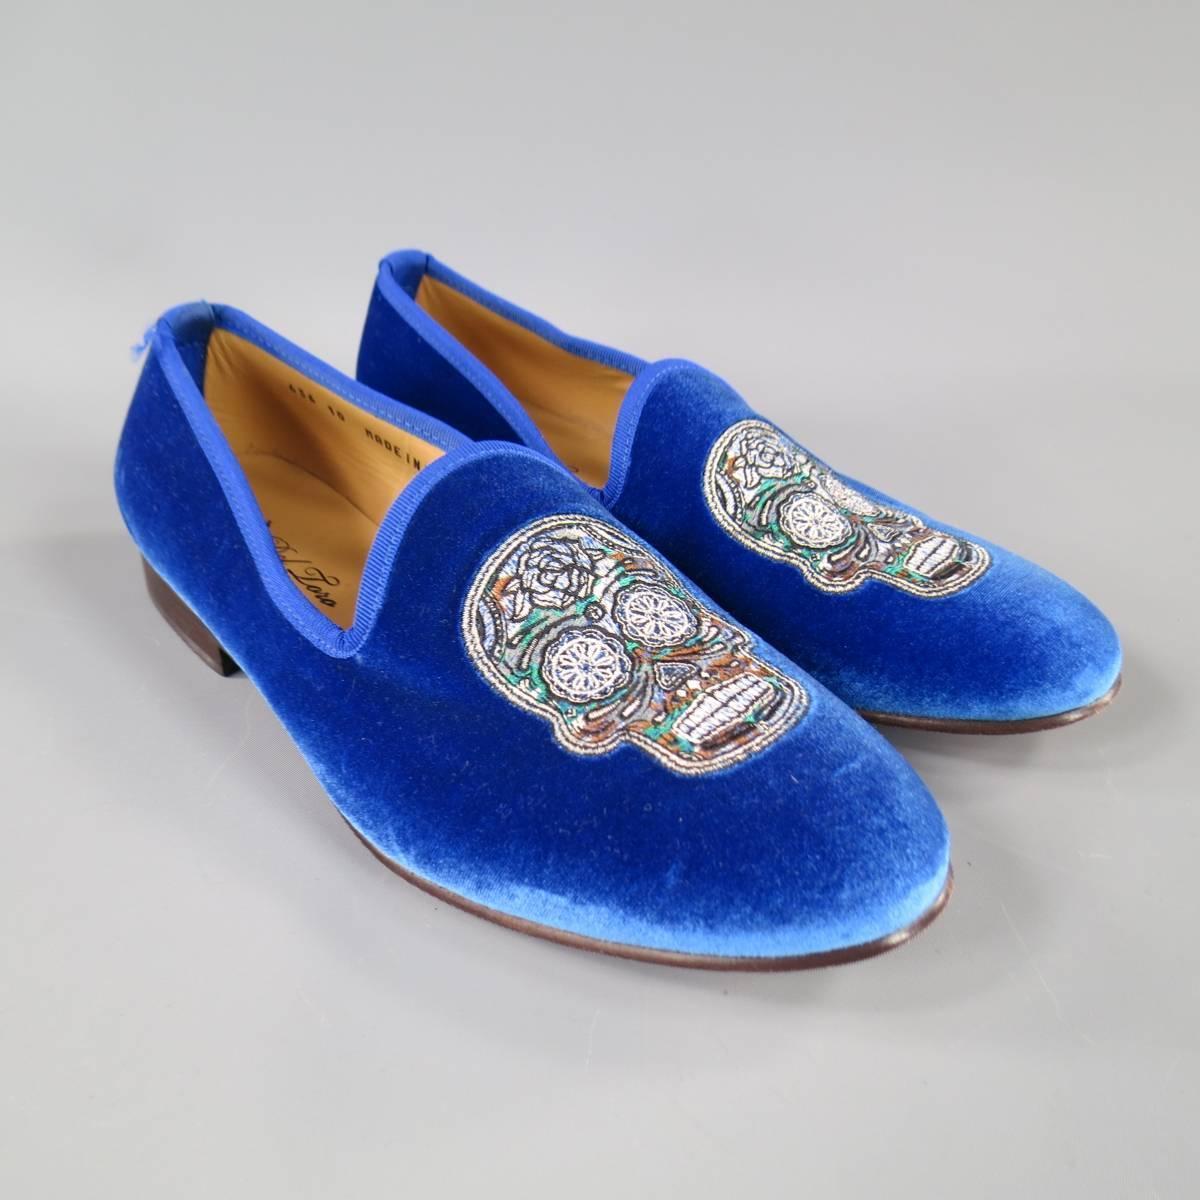 Del Toro Size 10 Royal Blue Velvet Jutti Loafers At 1stdibs